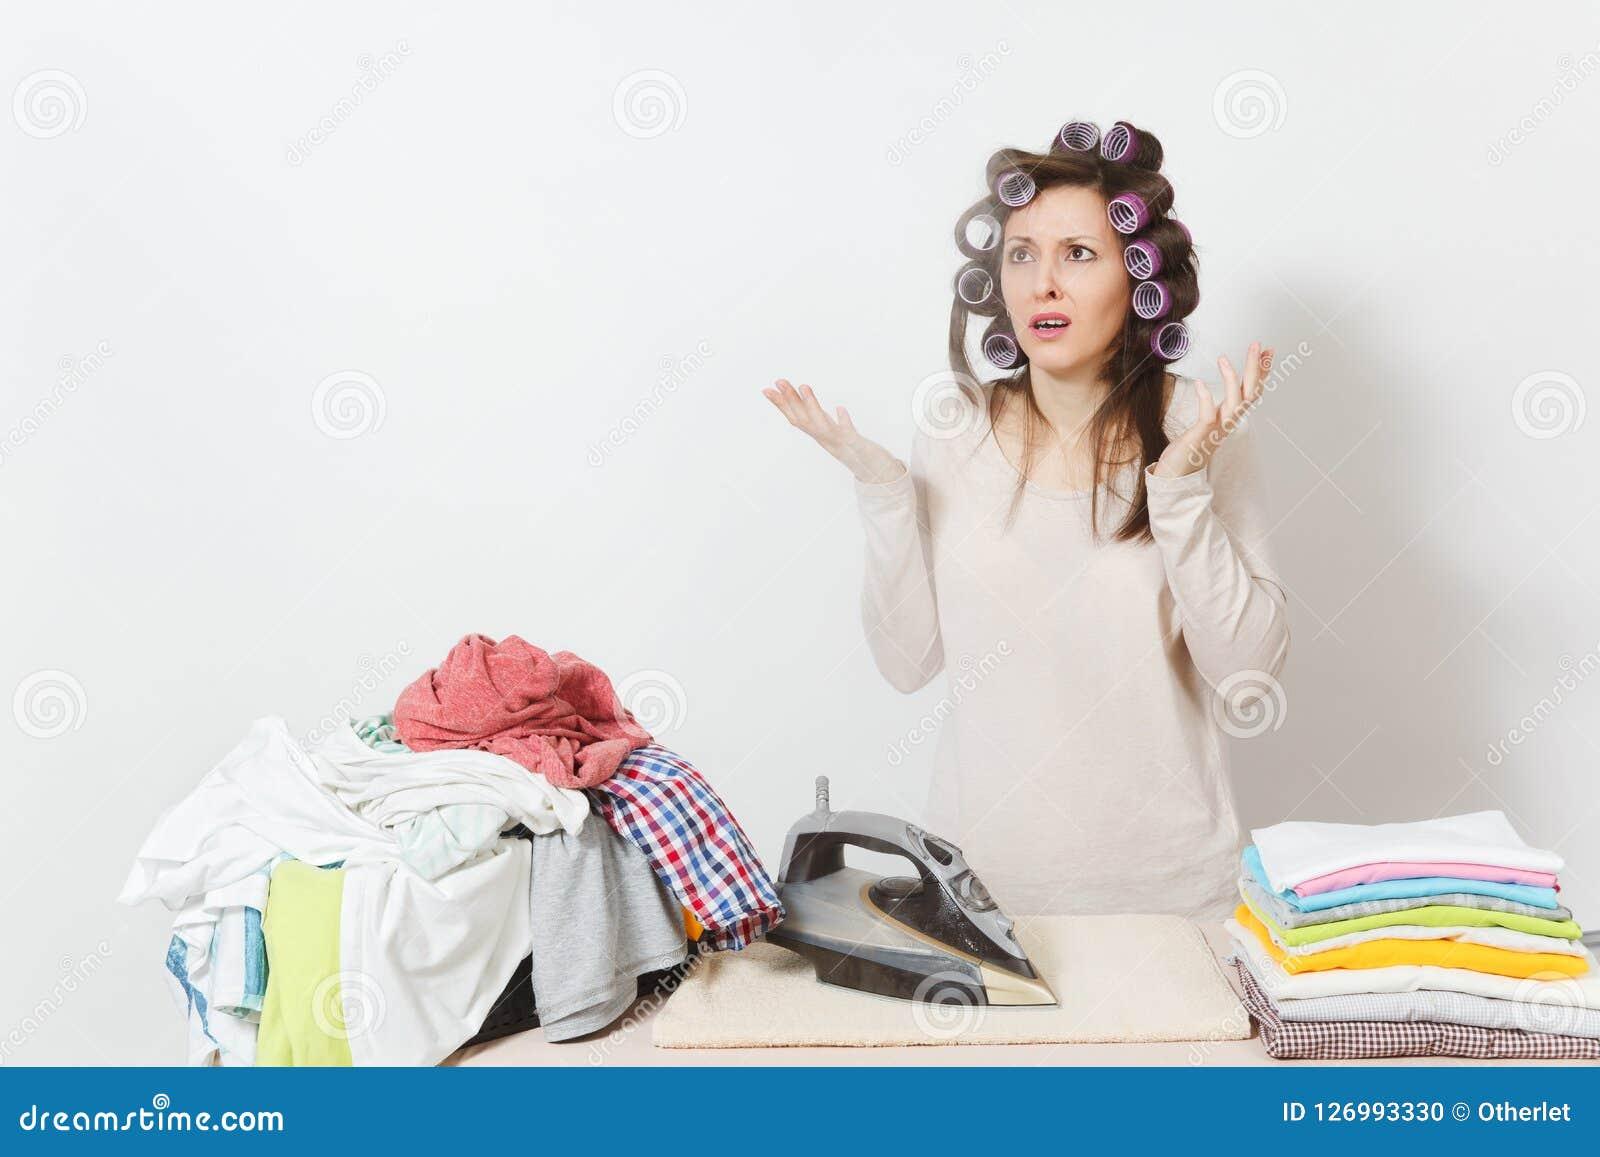 Junge hübsche Hausfrau Frau auf weißem Hintergrund Haushaltungskonzept Kopieren Sie Raum für Anzeige